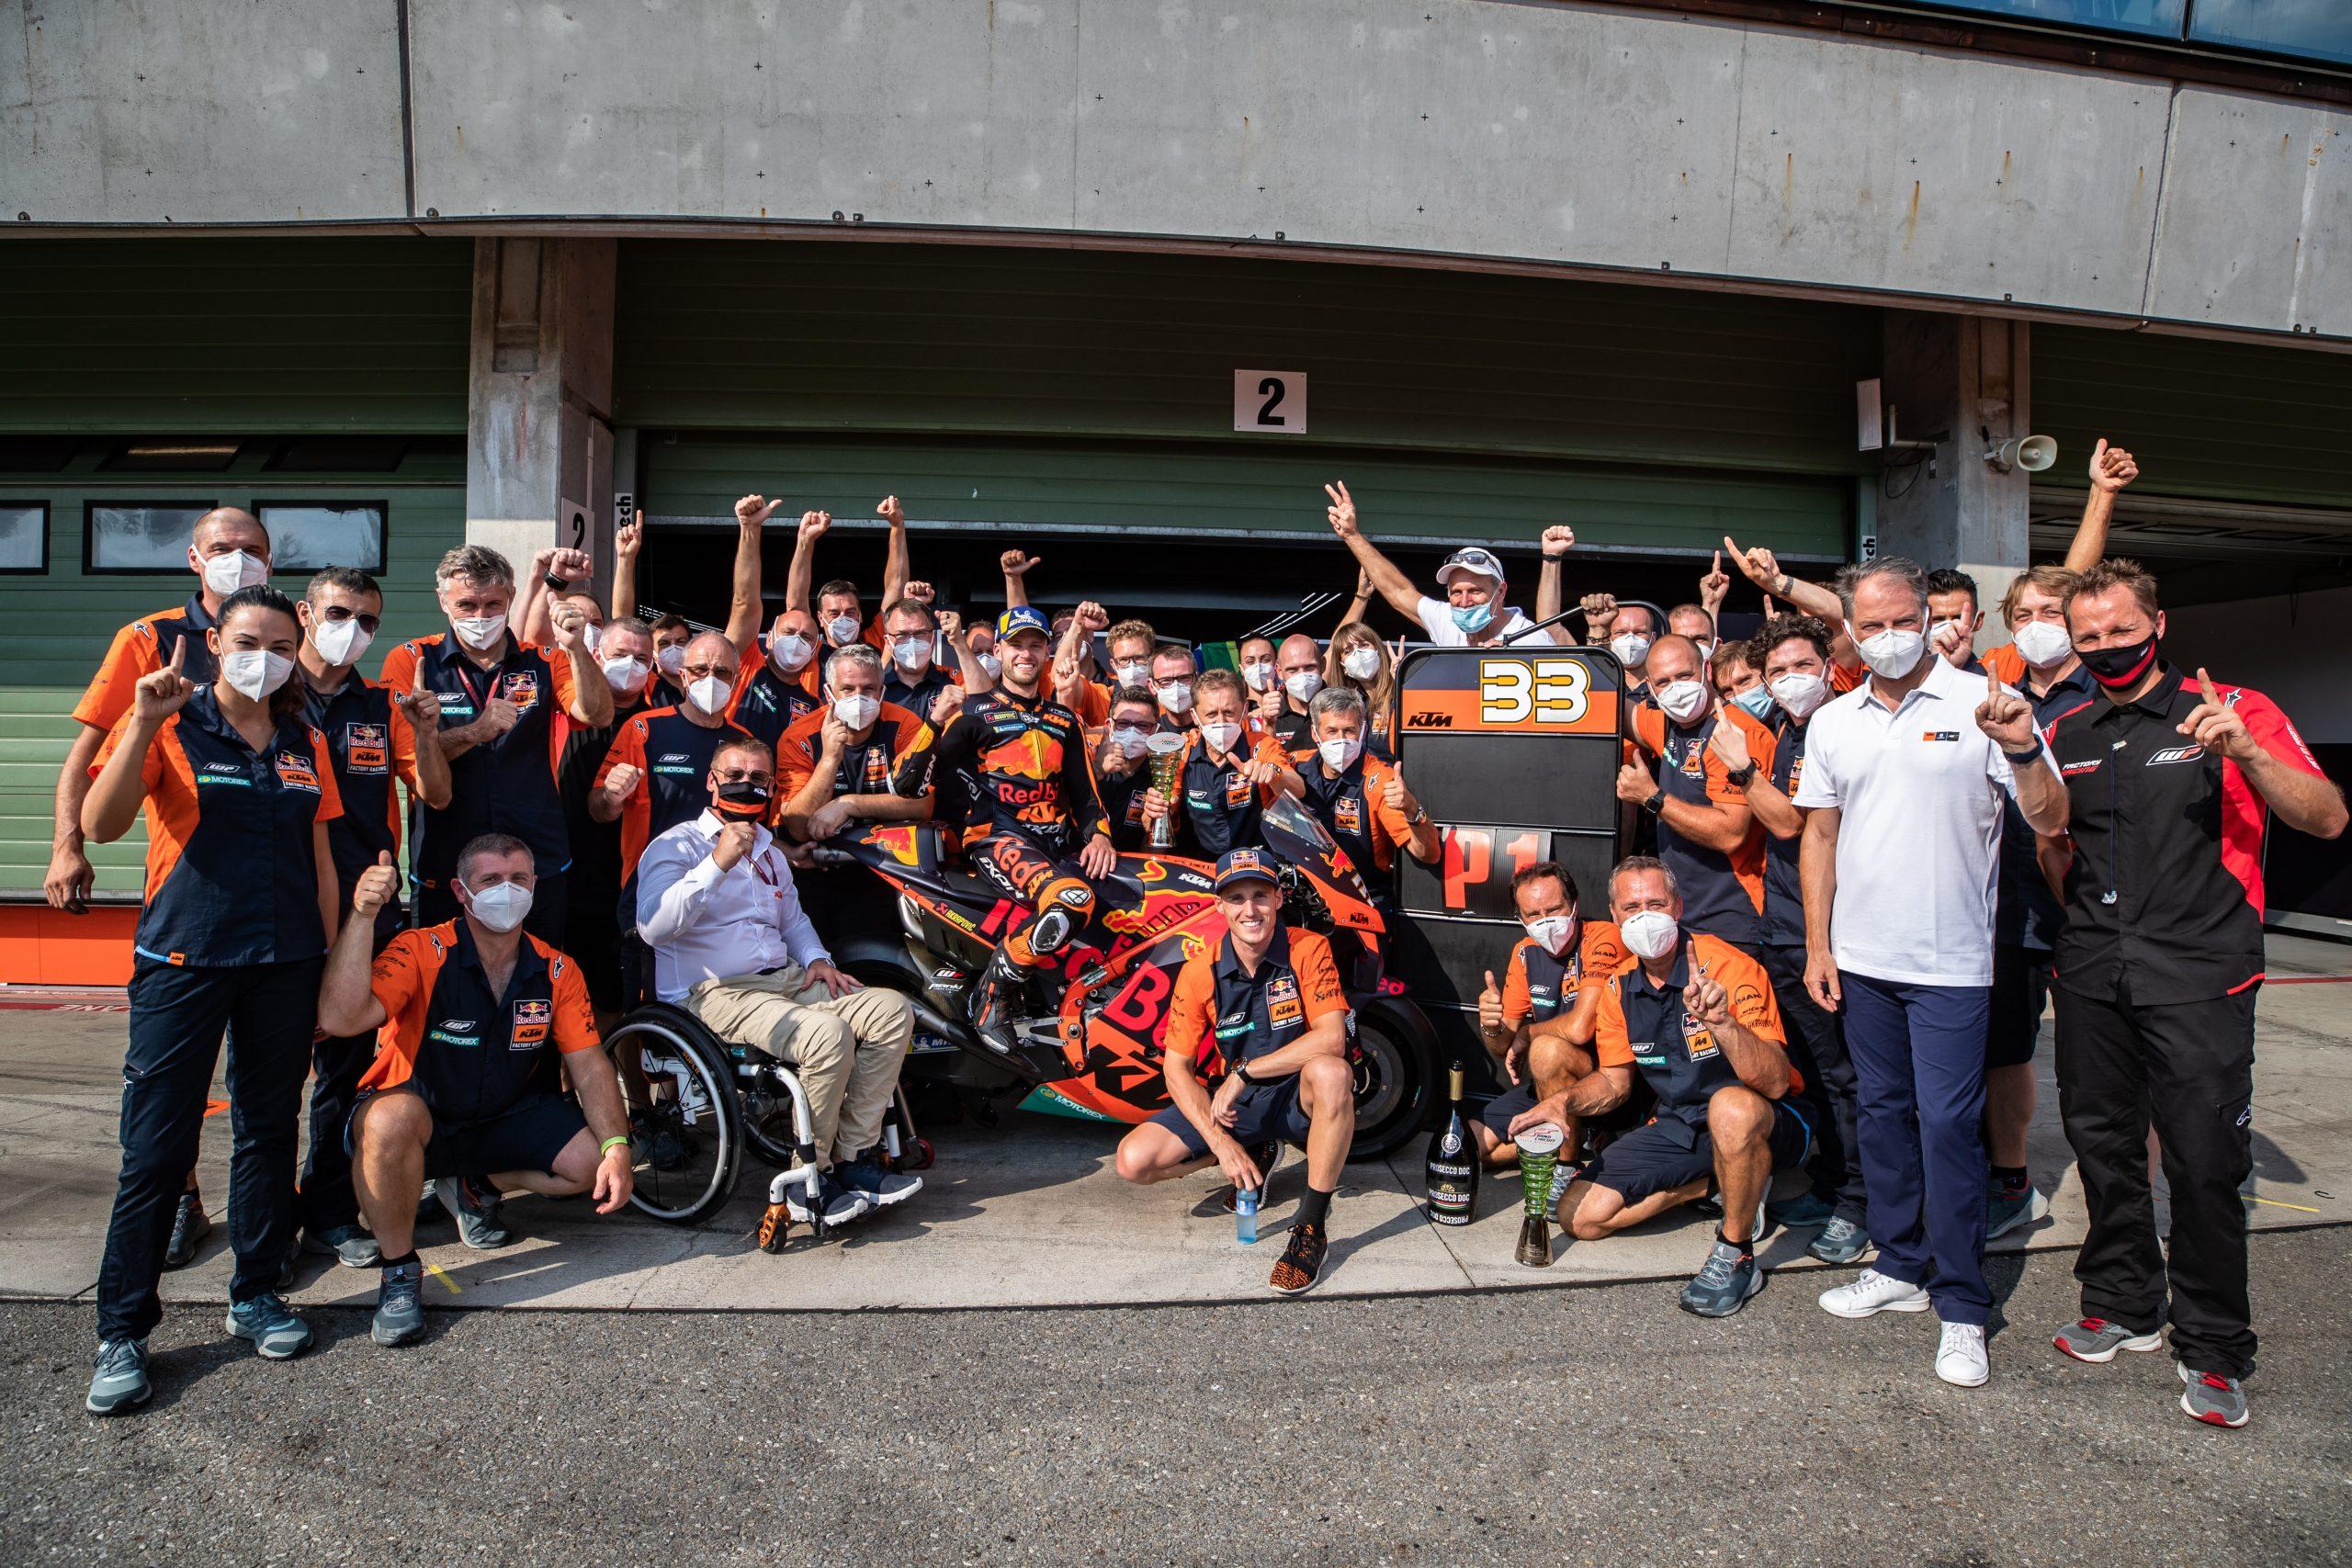 Brad Binder i KTM świętujący pierwsze zwycięstwo w MotoGP podczas GP Czech w 2020 roku